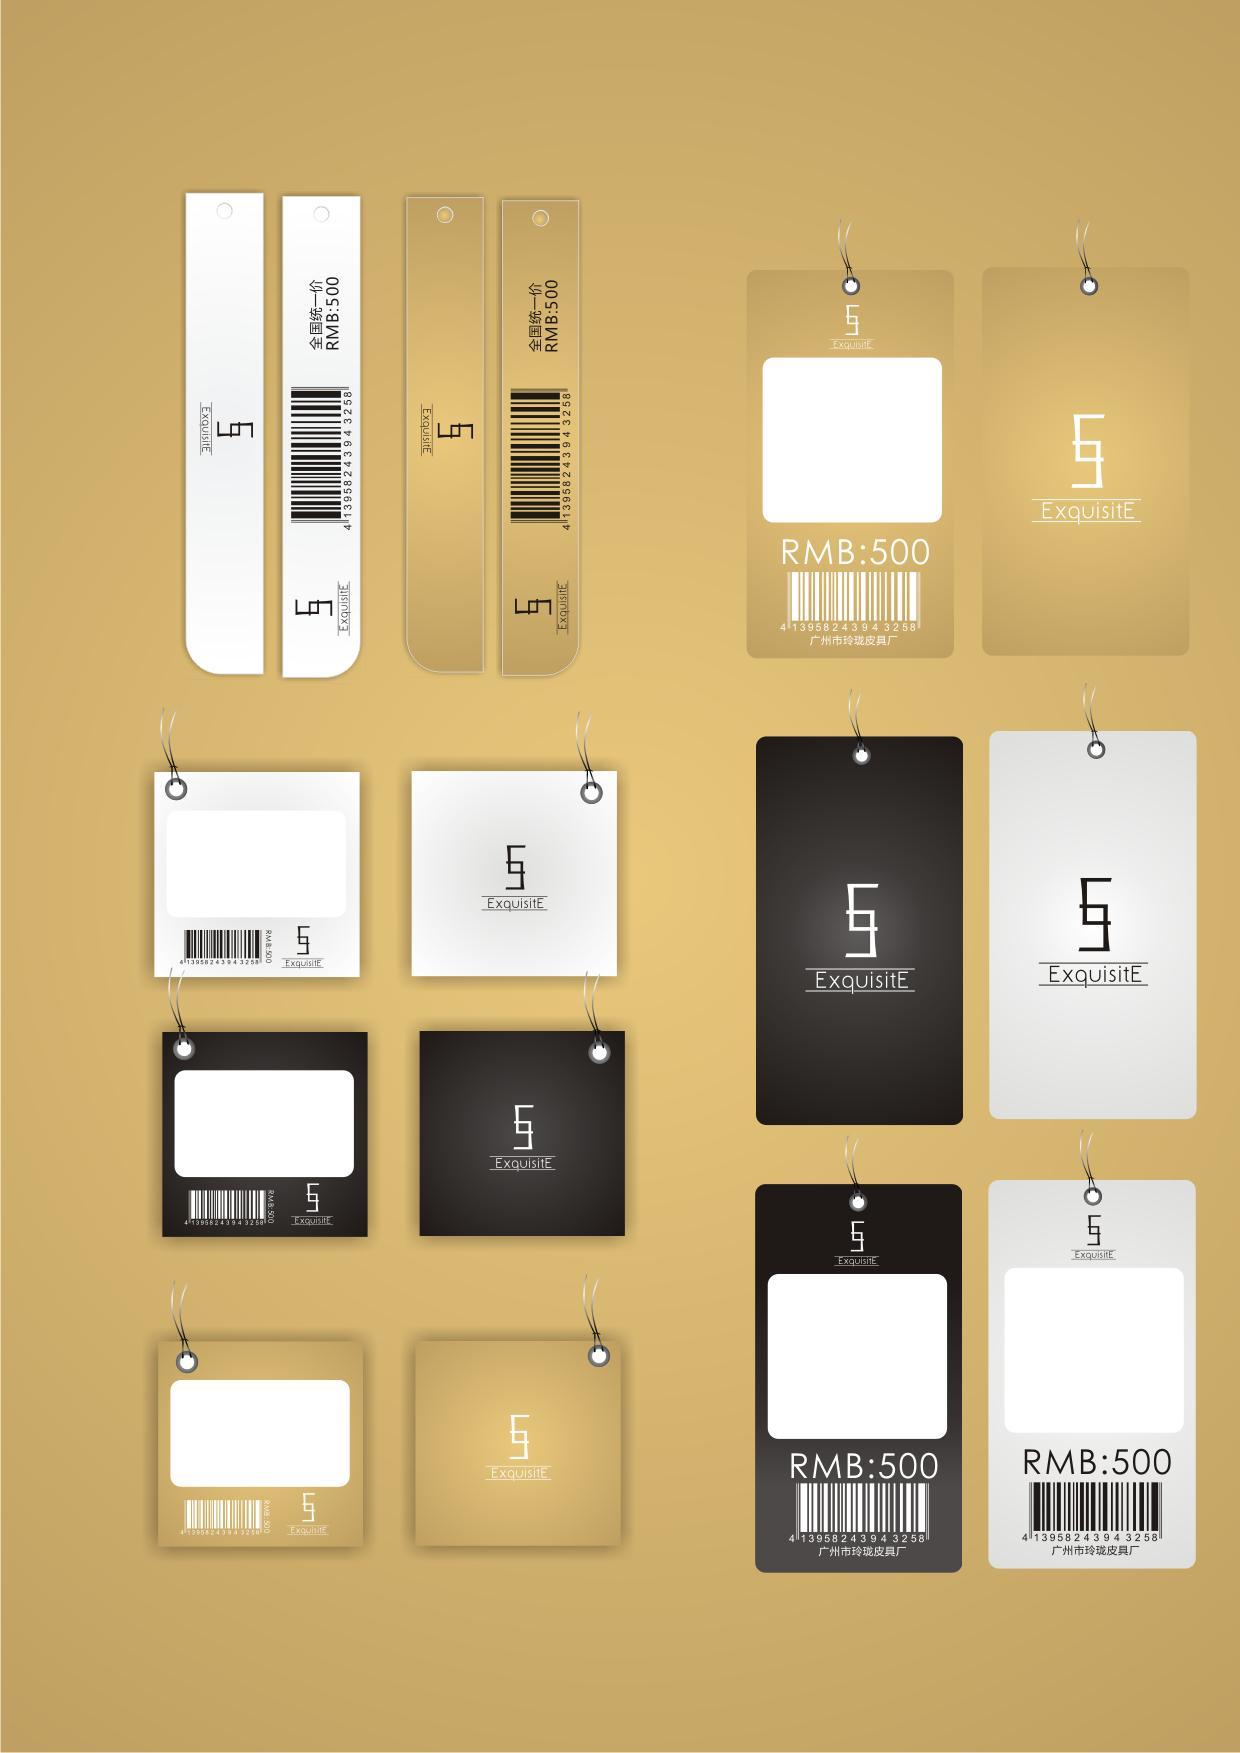 玲珑皮具logo及名片/吊牌设计